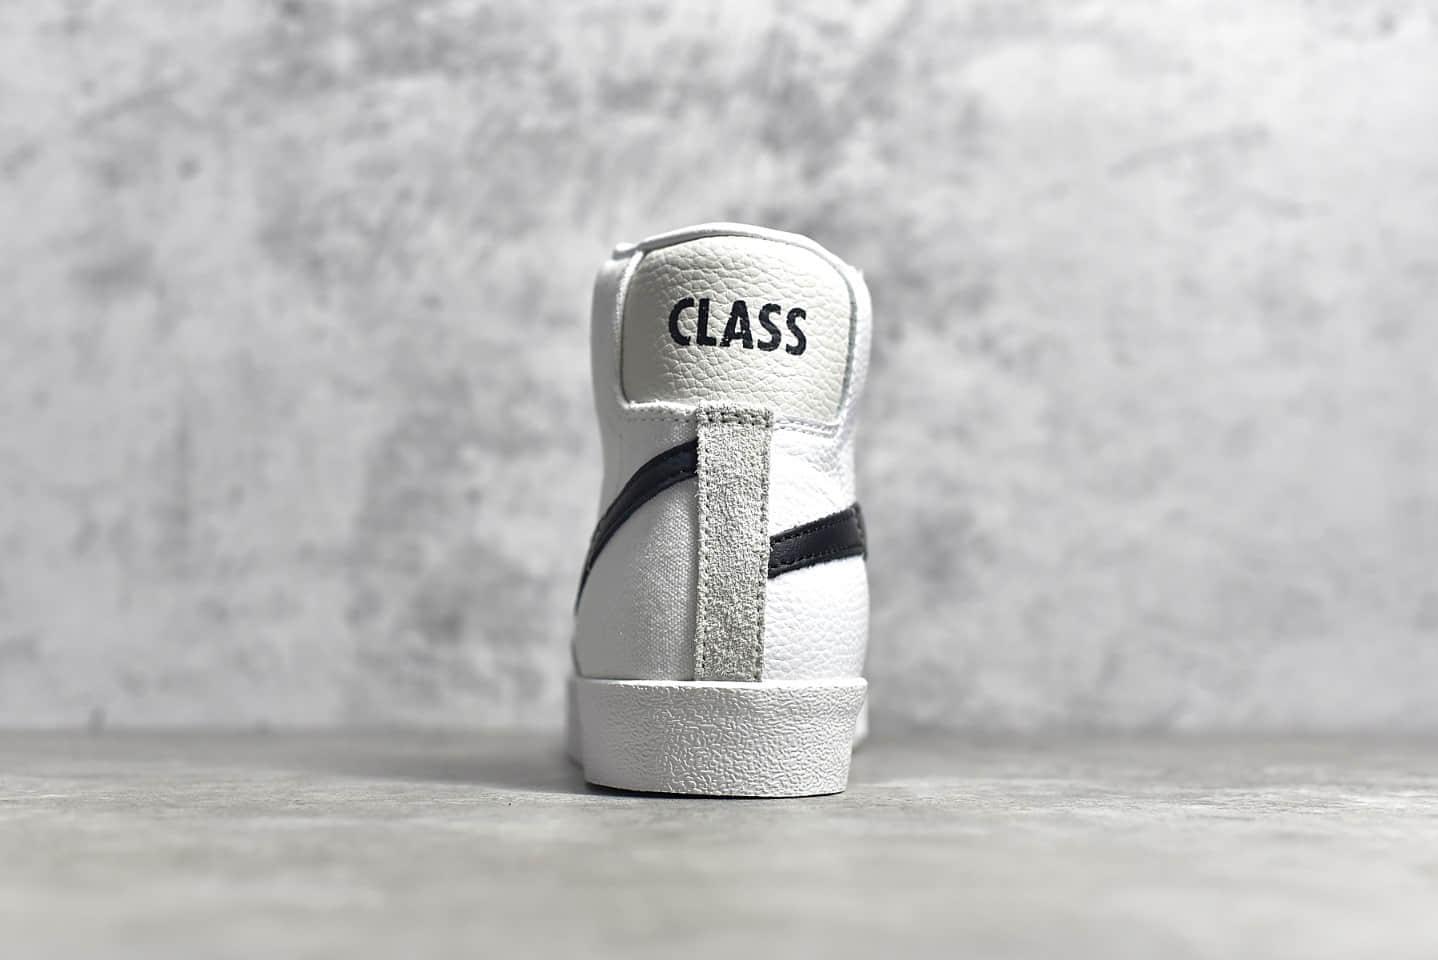 耐克开拓者倒钩高帮 NIKE ZOOM BLAZER MID CJ纯原版本耐克开拓者白色高帮板鞋 货号:白倒勾CD8233-100-潮流者之家